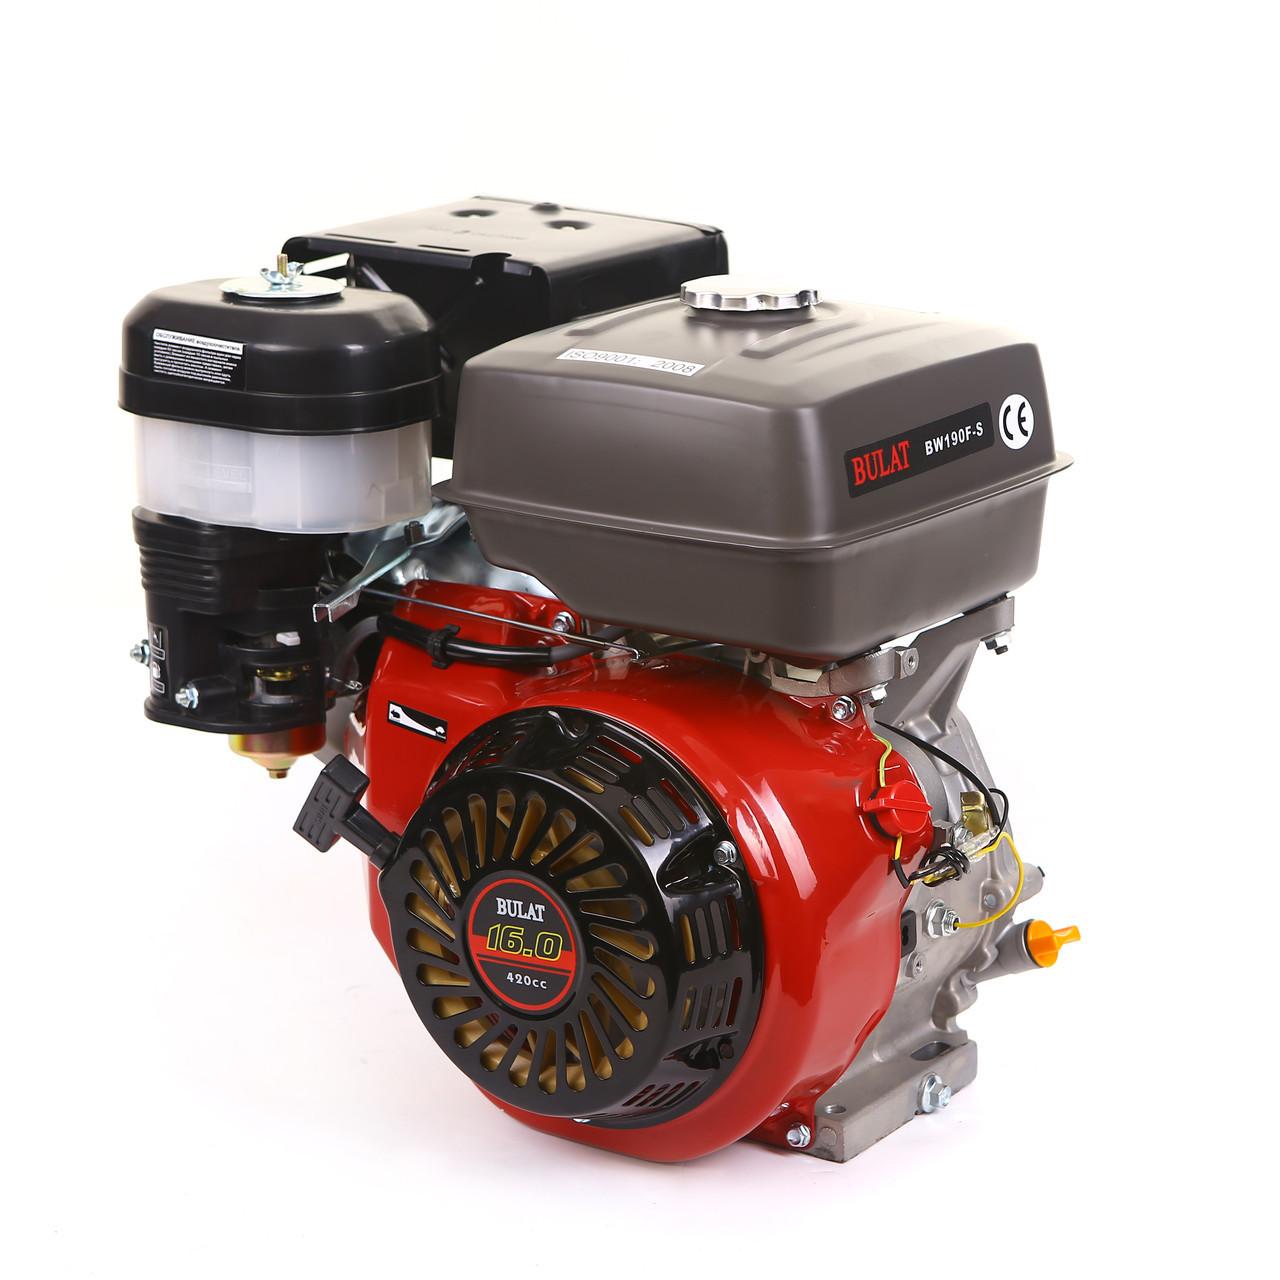 Двигатель бензиновый BULAT BW190F-S (16 л.с., шпонка) (Weima 190)